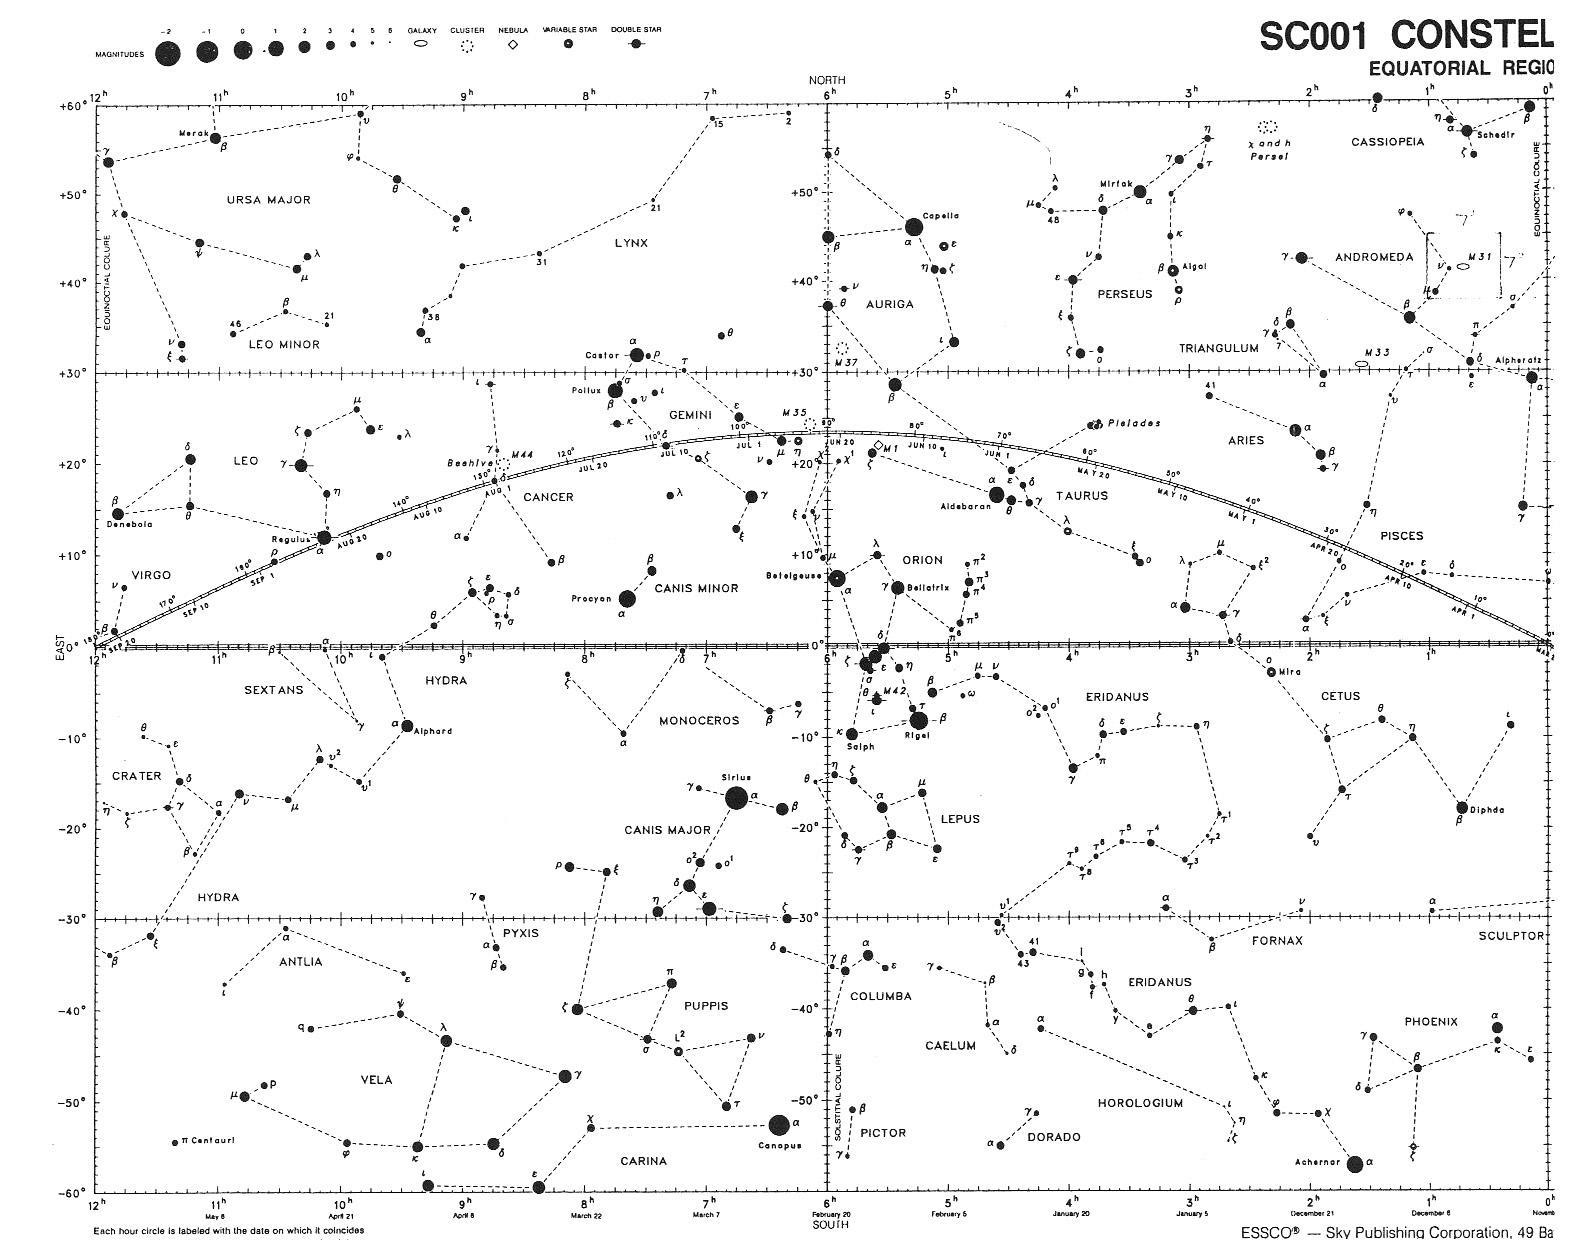 نقشه استوایی از صور فلکی دایره البروج مربوط به اعتدال بهاری , فصل تابستان و اعتدال پاییزی